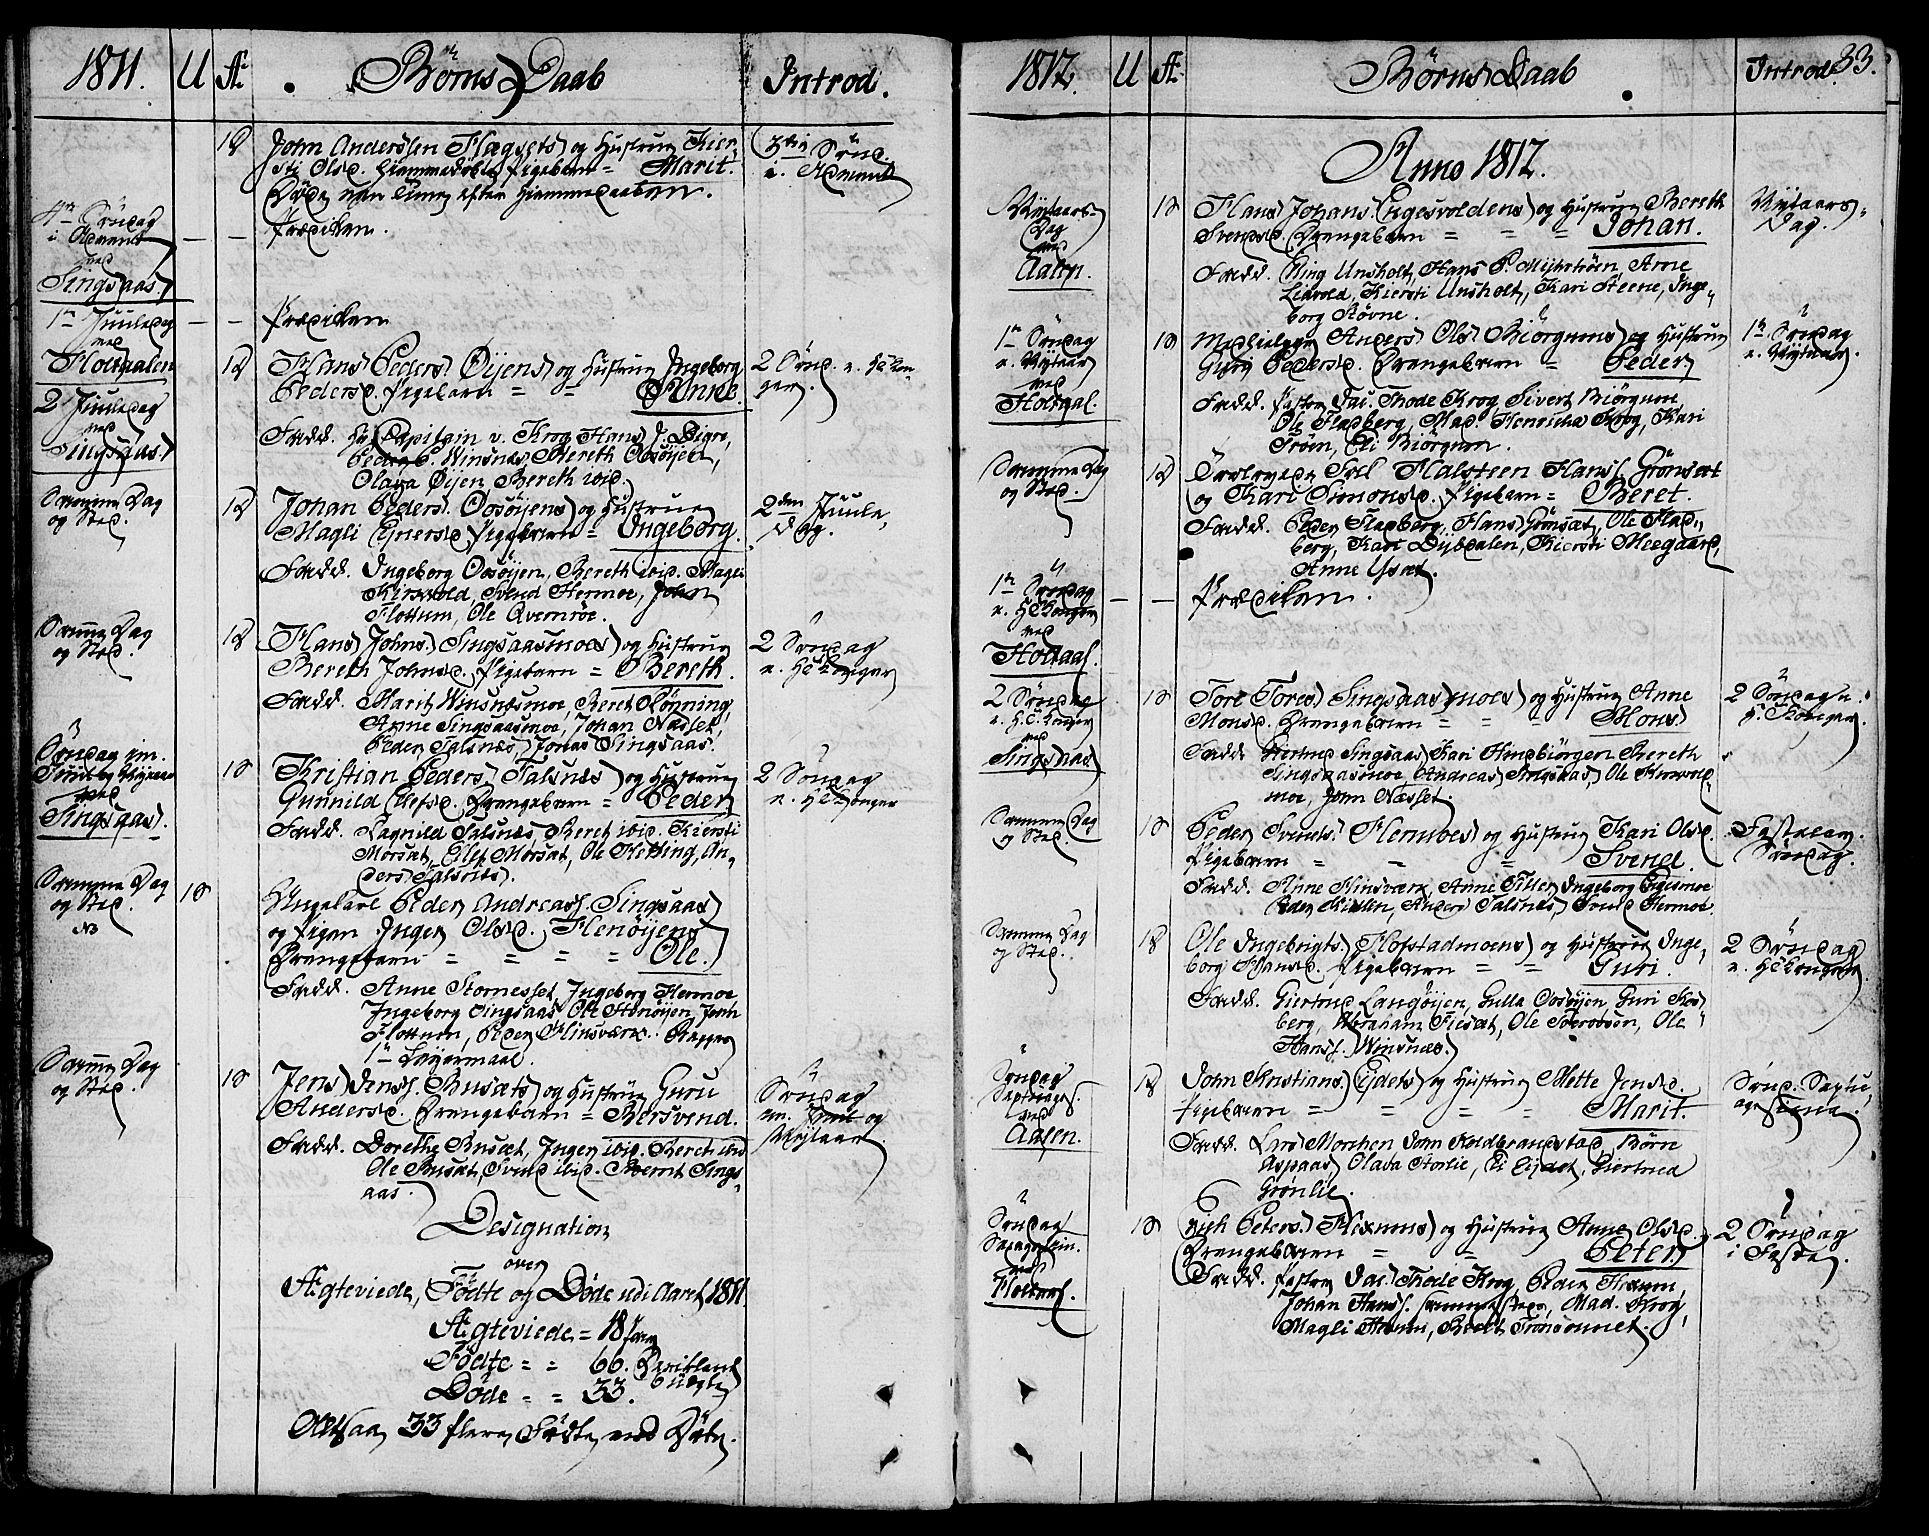 SAT, Ministerialprotokoller, klokkerbøker og fødselsregistre - Sør-Trøndelag, 685/L0953: Ministerialbok nr. 685A02, 1805-1816, s. 33